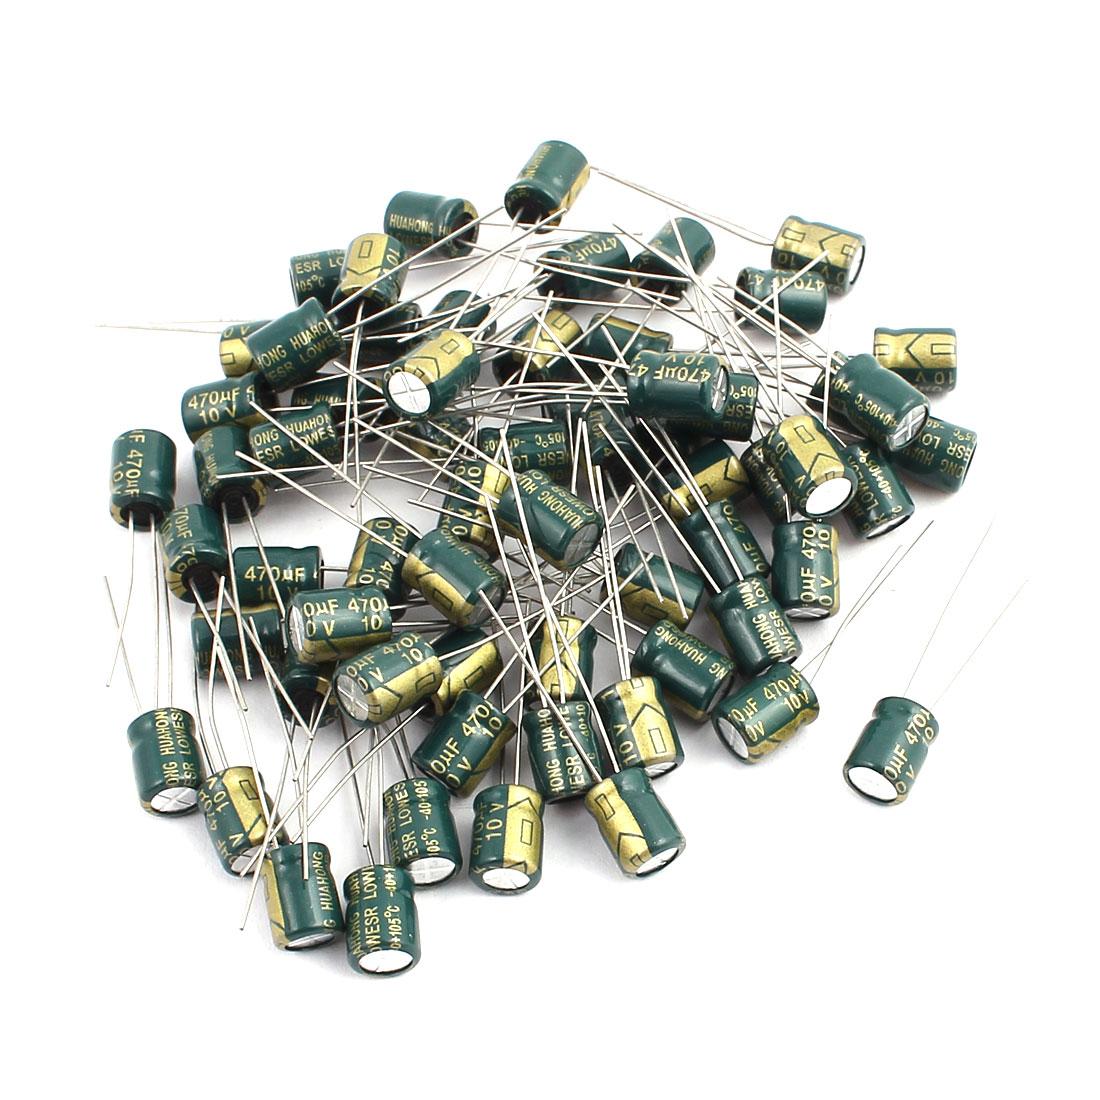 65Pcs 10V 470UF Aluminum Electrolytic Capacitors 105 degree Celsius 6.3x7mm